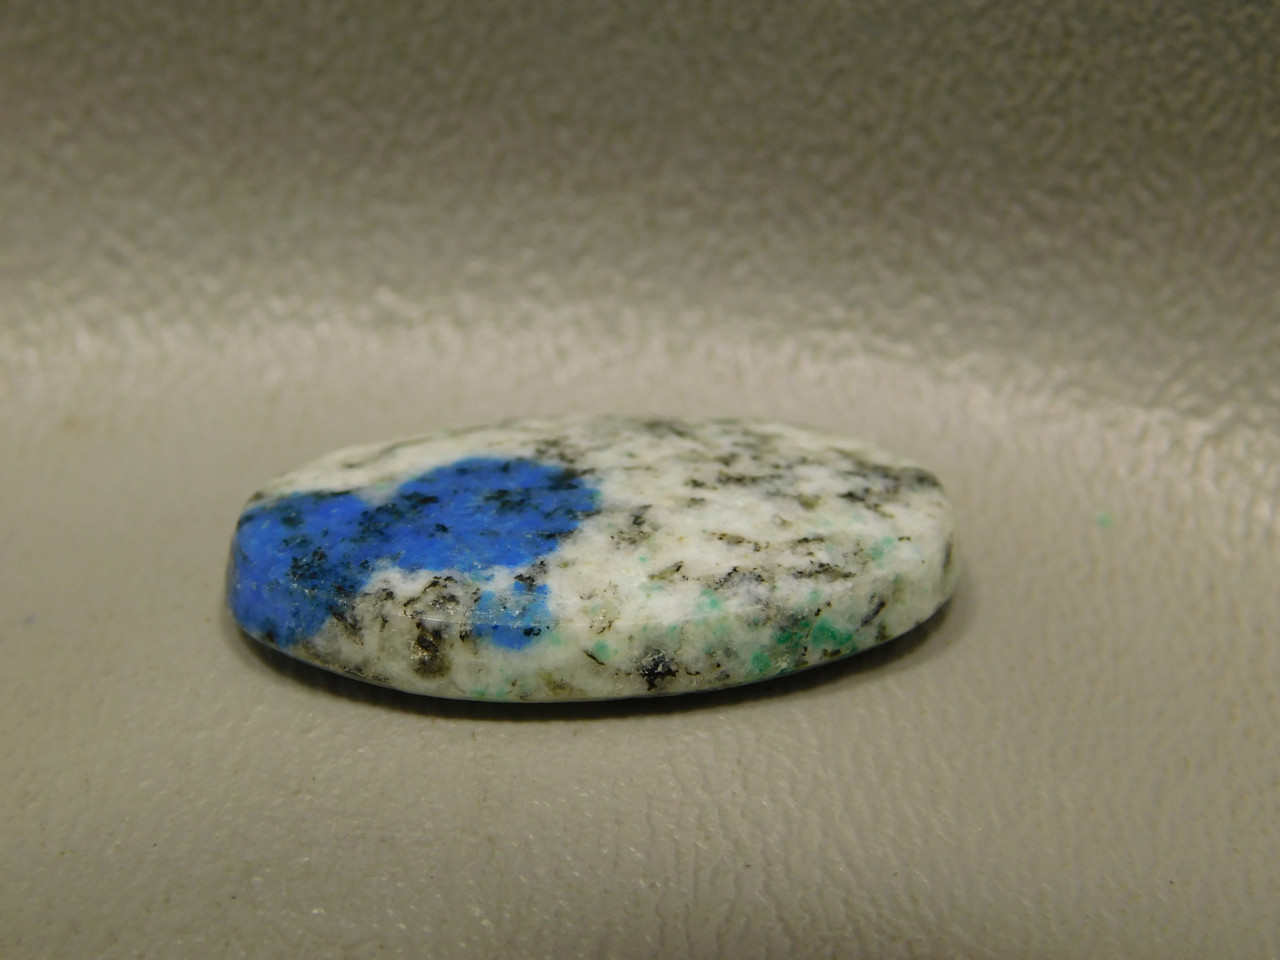 K2 Azurite Granite Jasper Cabochon Blue Dot Natural Stone Oval #6